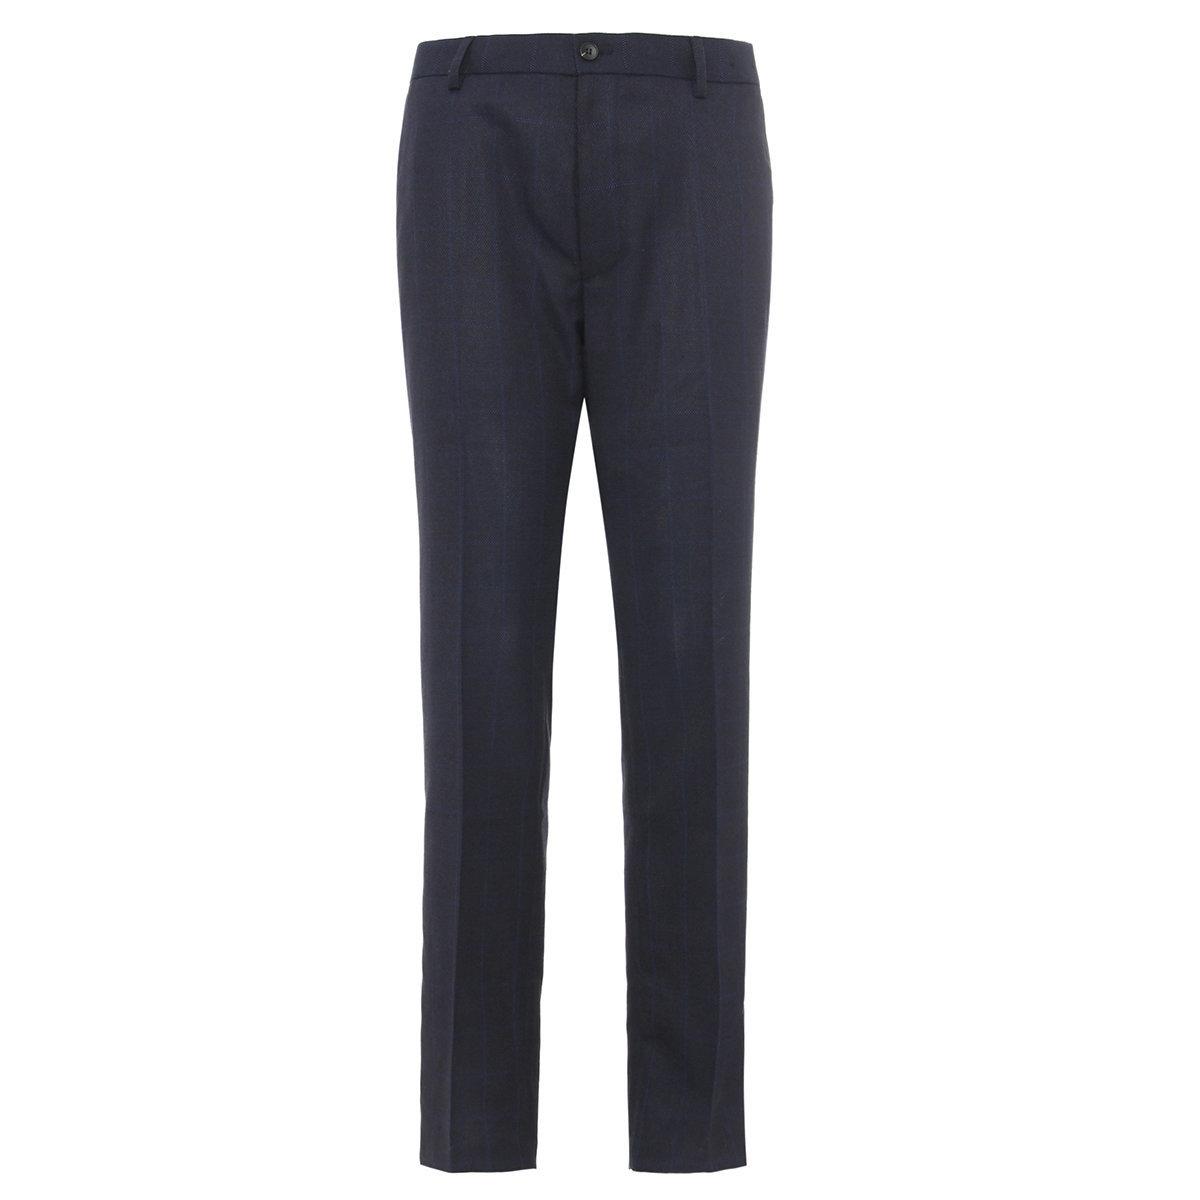 Men's Regular Fit Pants (Midnight Blue)